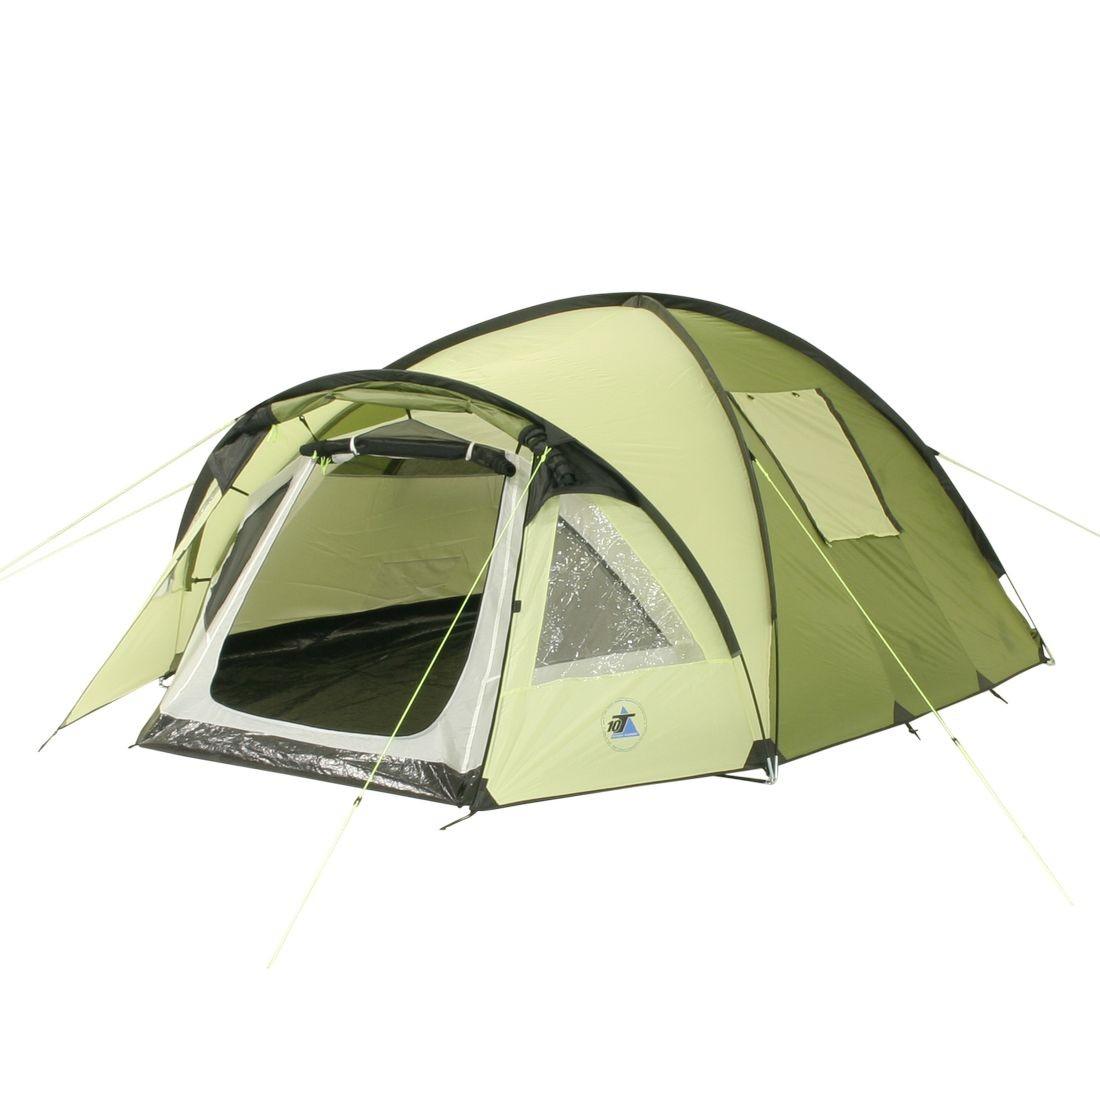 10t glenhill 3 lime 3 personen kuppelzelt campingzelt. Black Bedroom Furniture Sets. Home Design Ideas